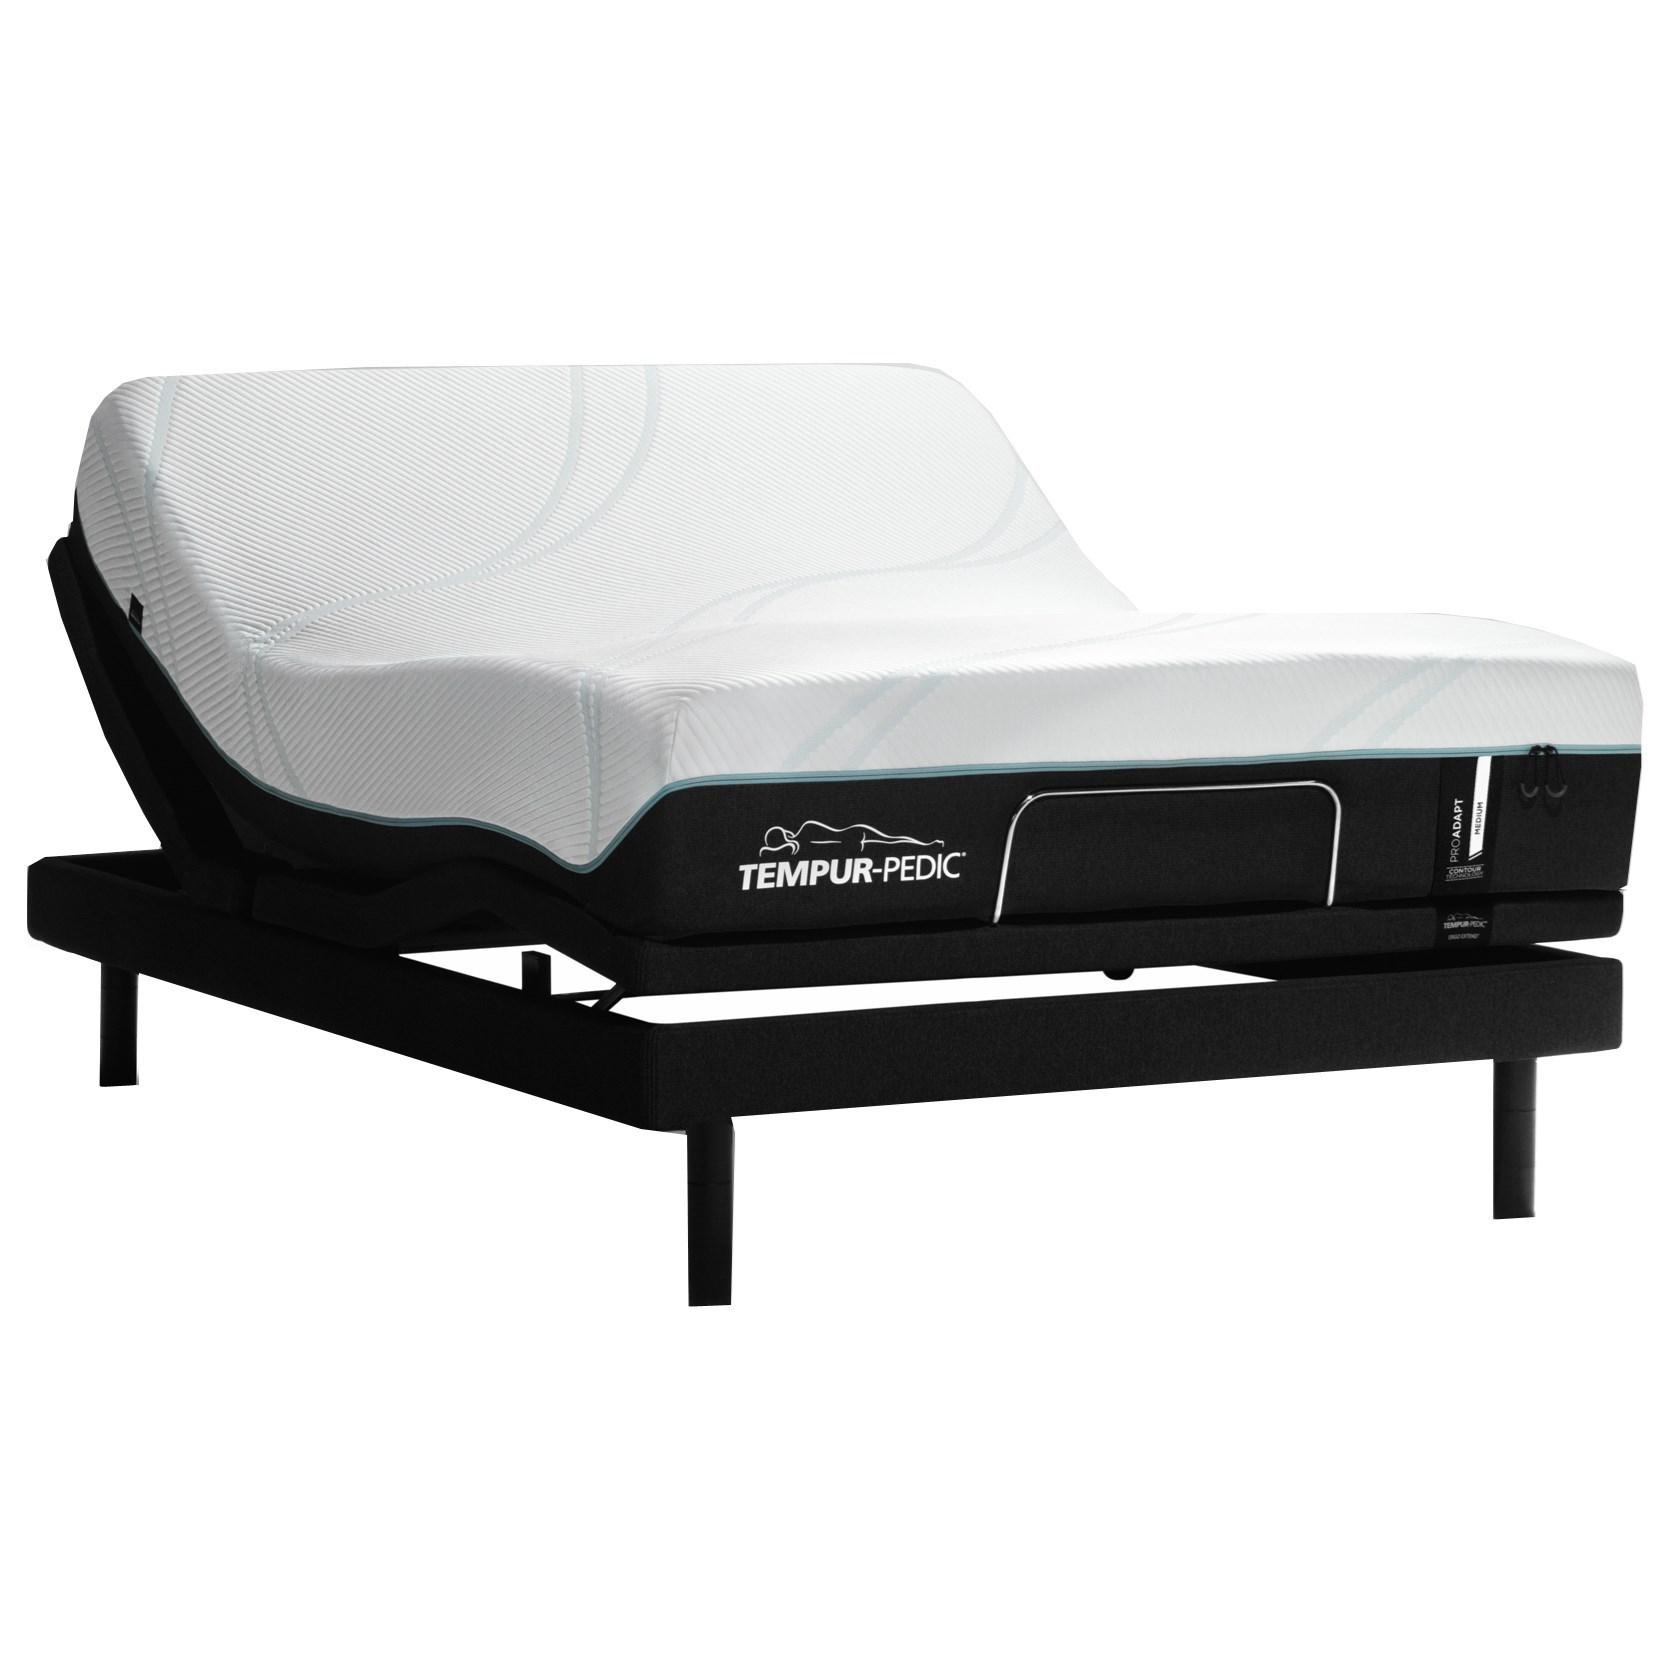 american marketing chair covers hawaii foam for cushions tempur pedic proadapt medium 10737180 4325559192ck